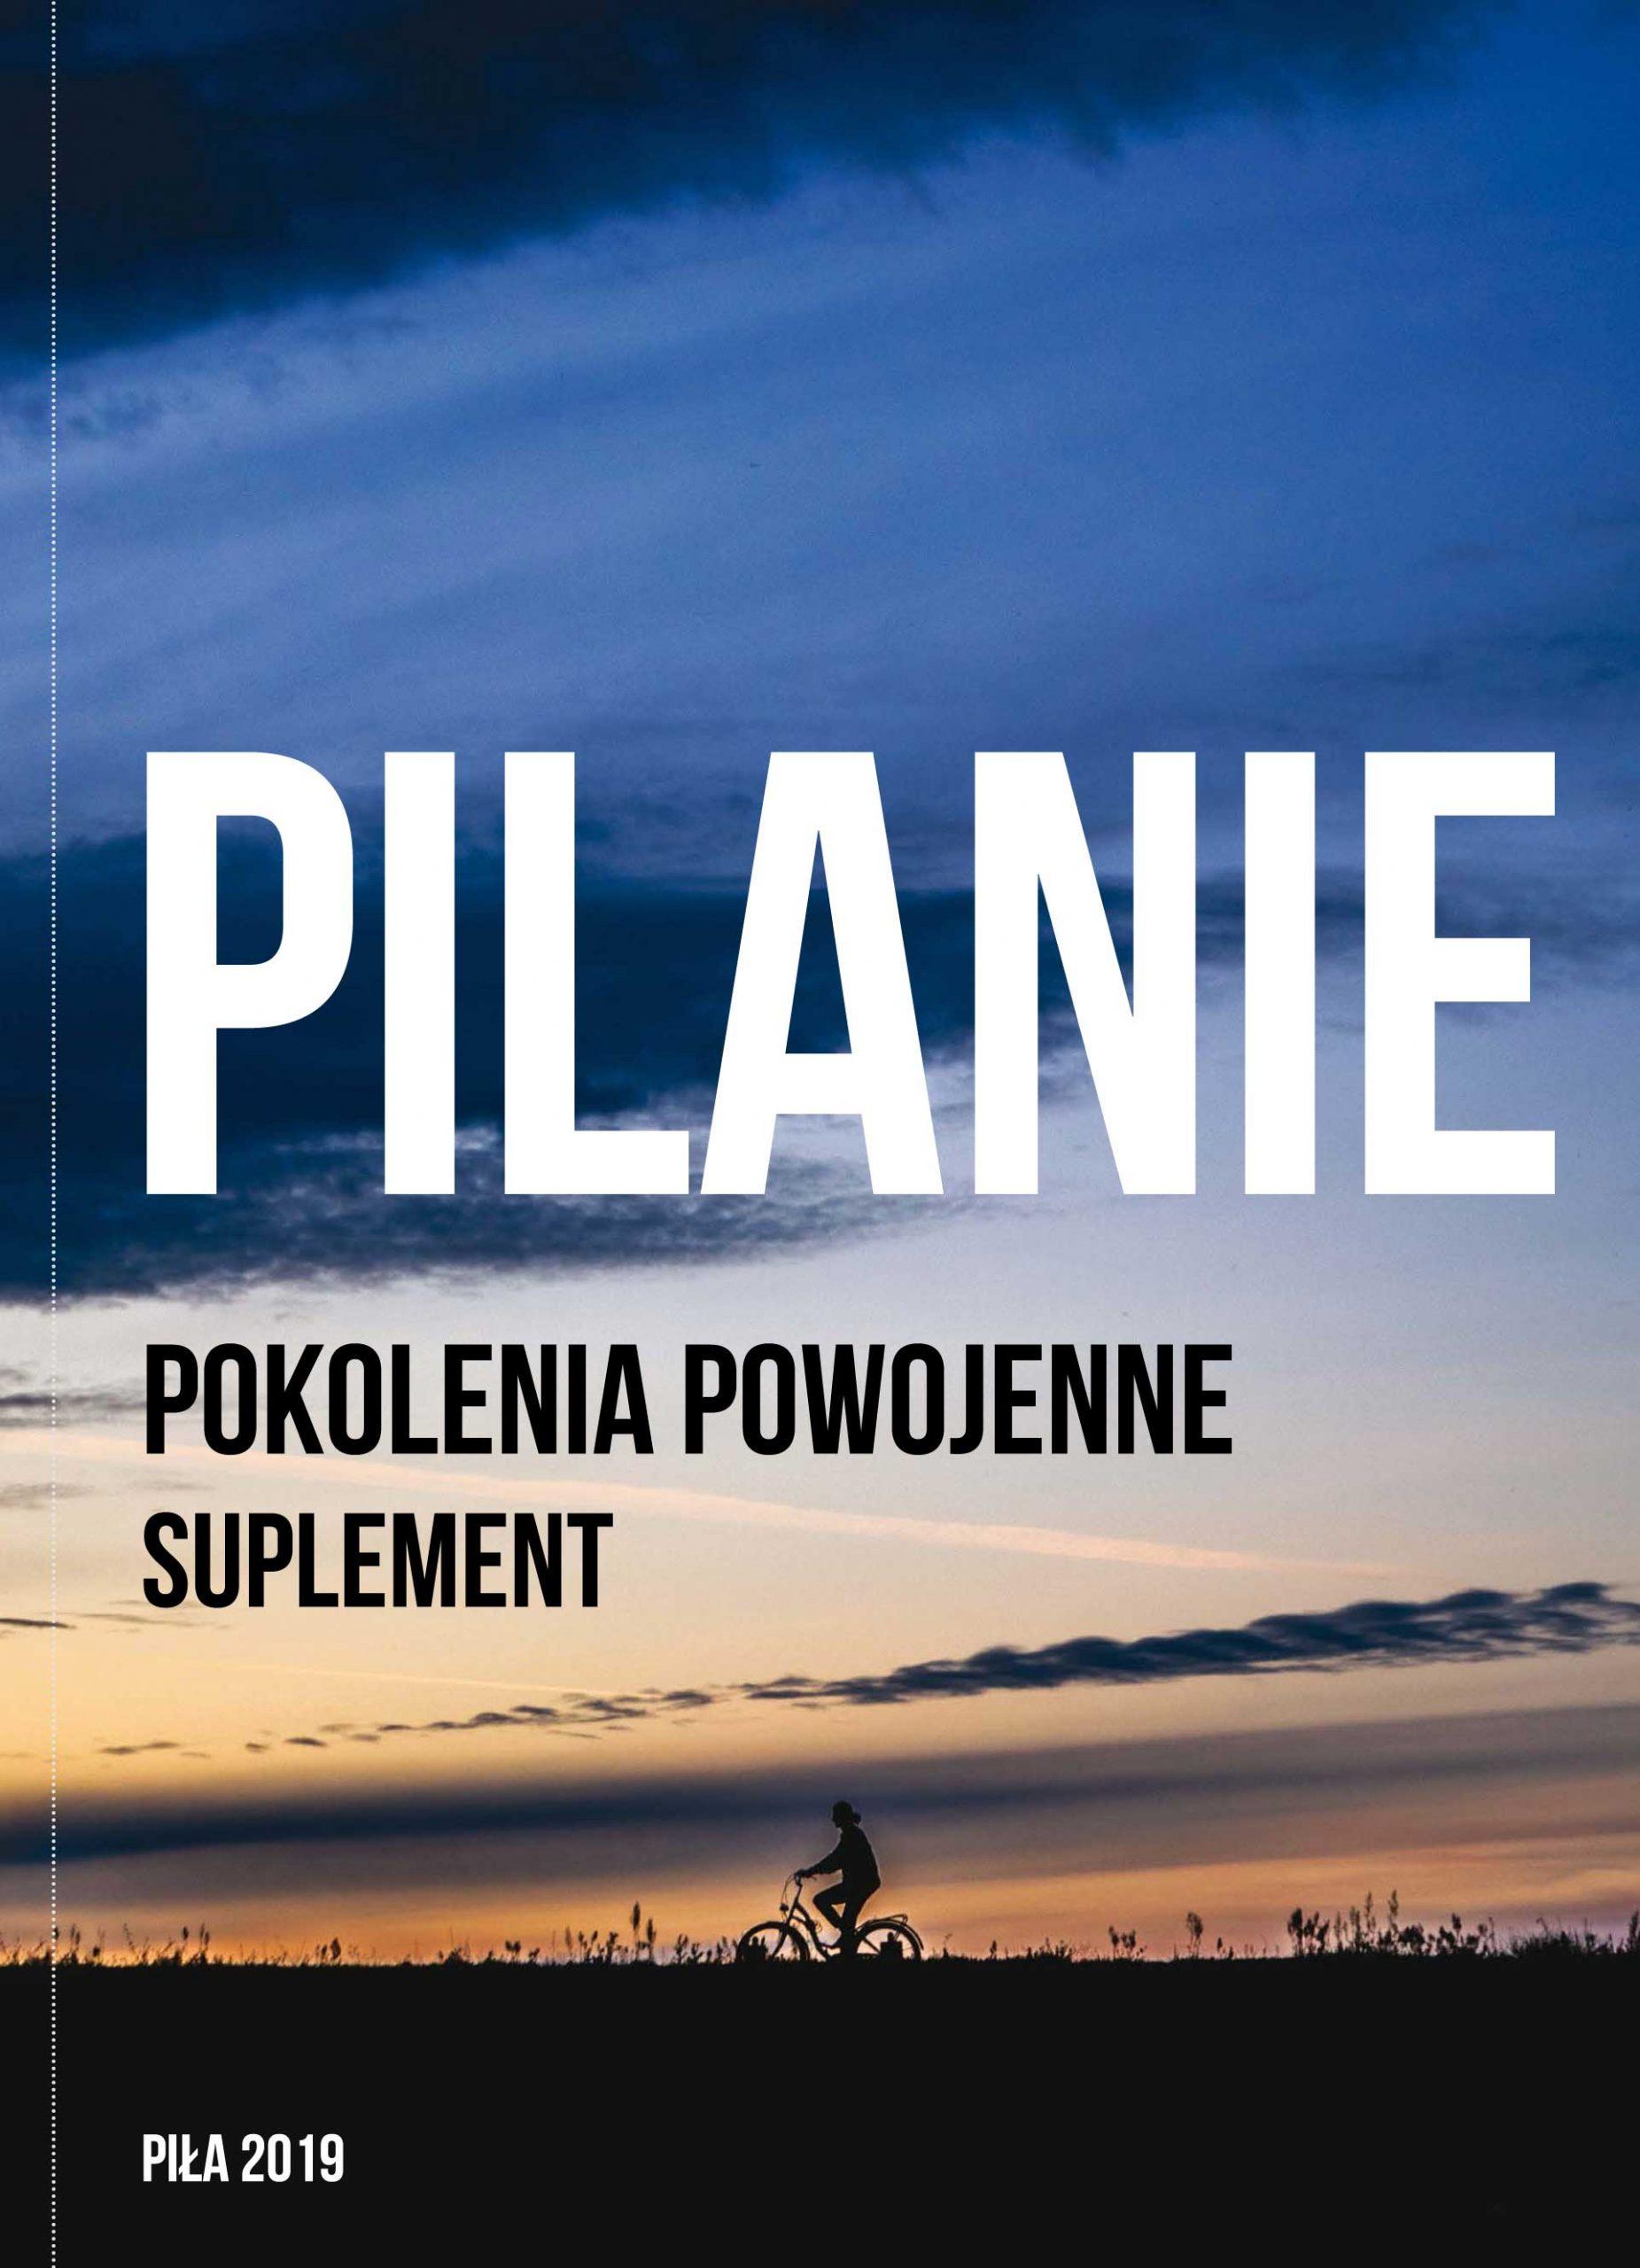 """Okładka książki """"Pilanie. Pokolenia powojenne. Suplement"""". Fot. Materiały prasowe"""